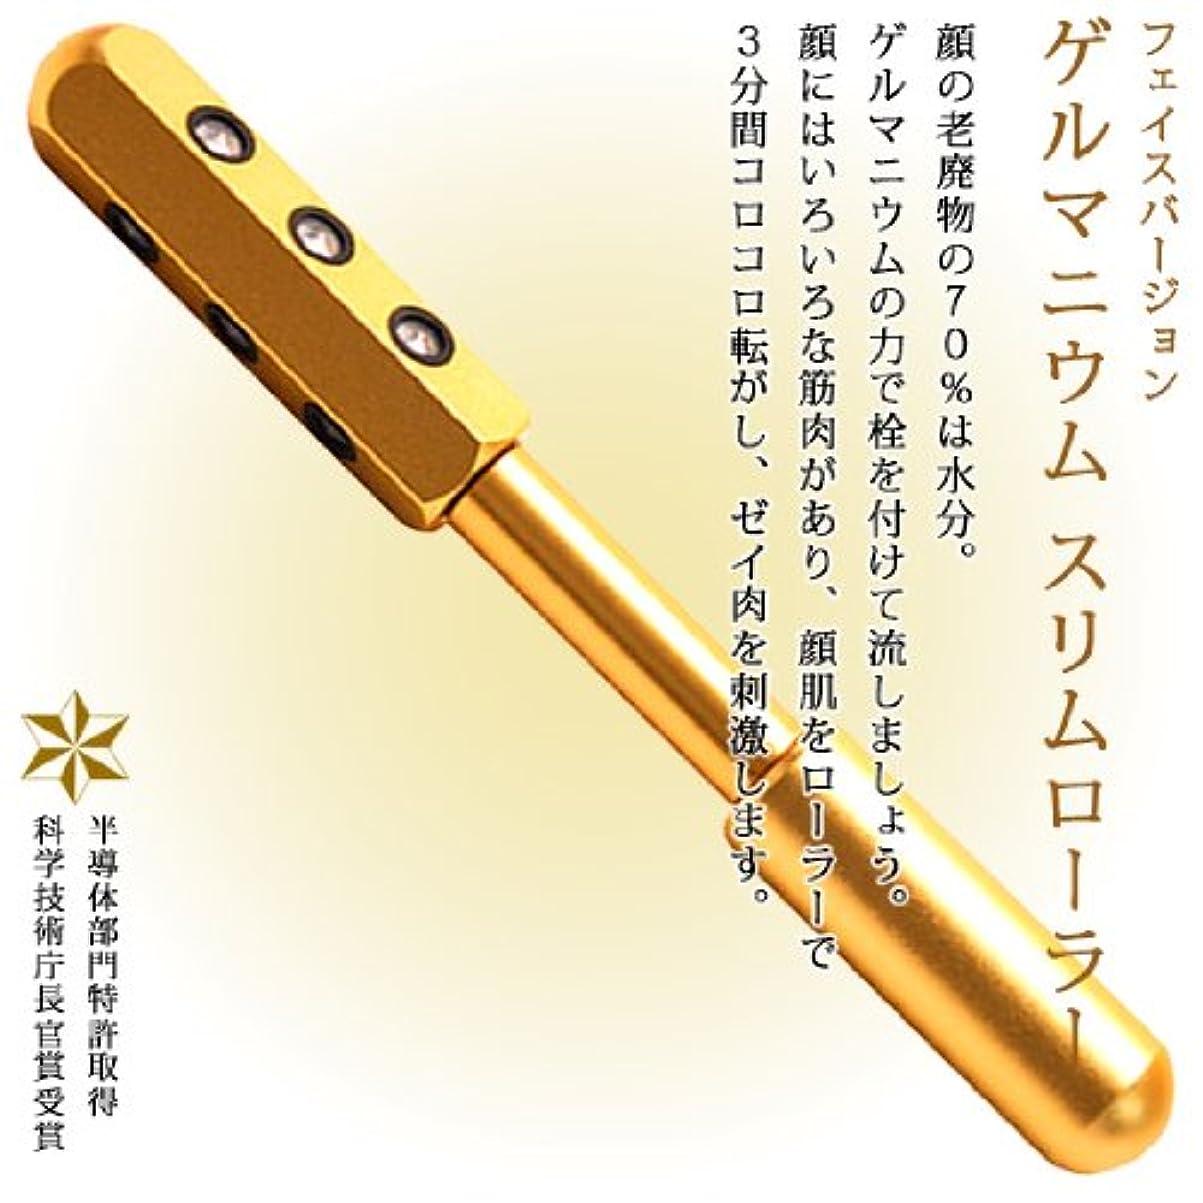 魅惑する柔和偽造ゲルマニウムスリムローラー フェイスバージョン 【ゴールド】